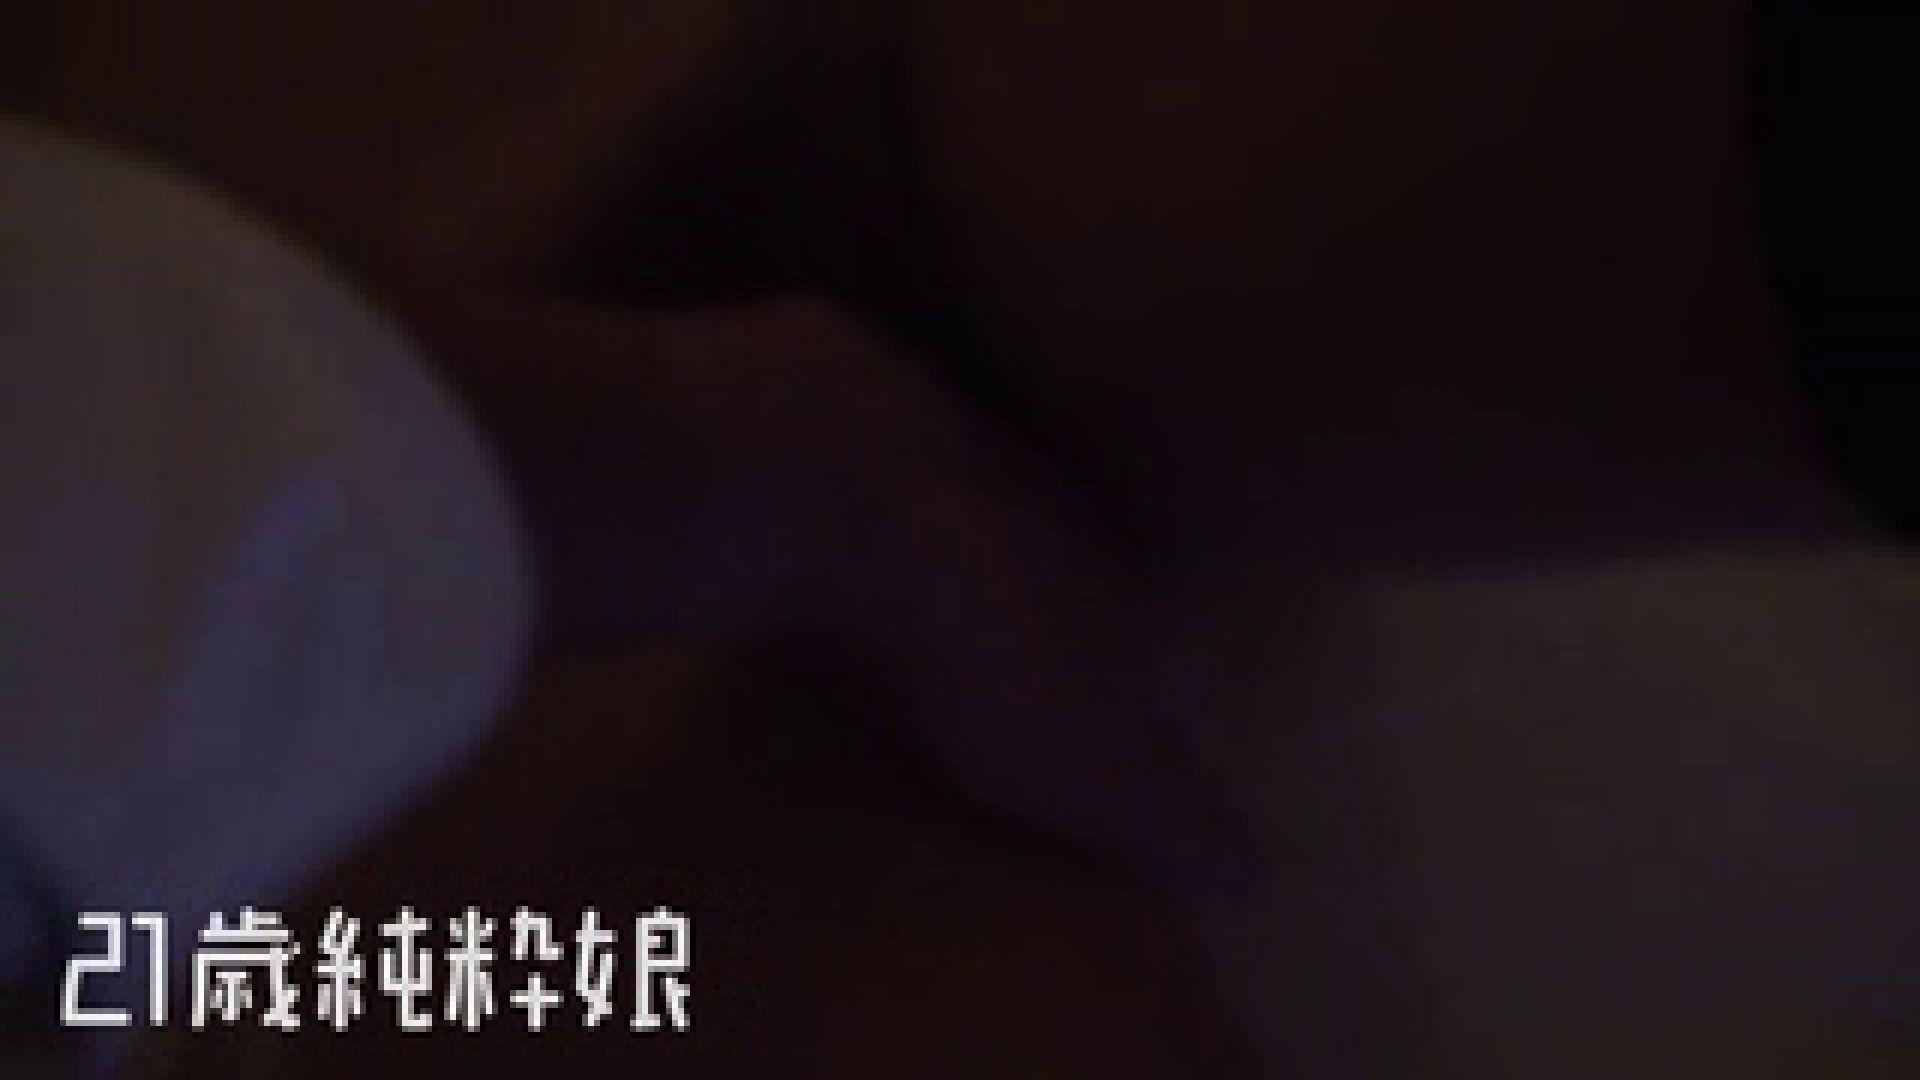 上京したばかりのGカップ21歳純粋嬢を都合の良い女にしてみた4 投稿  61連発 28